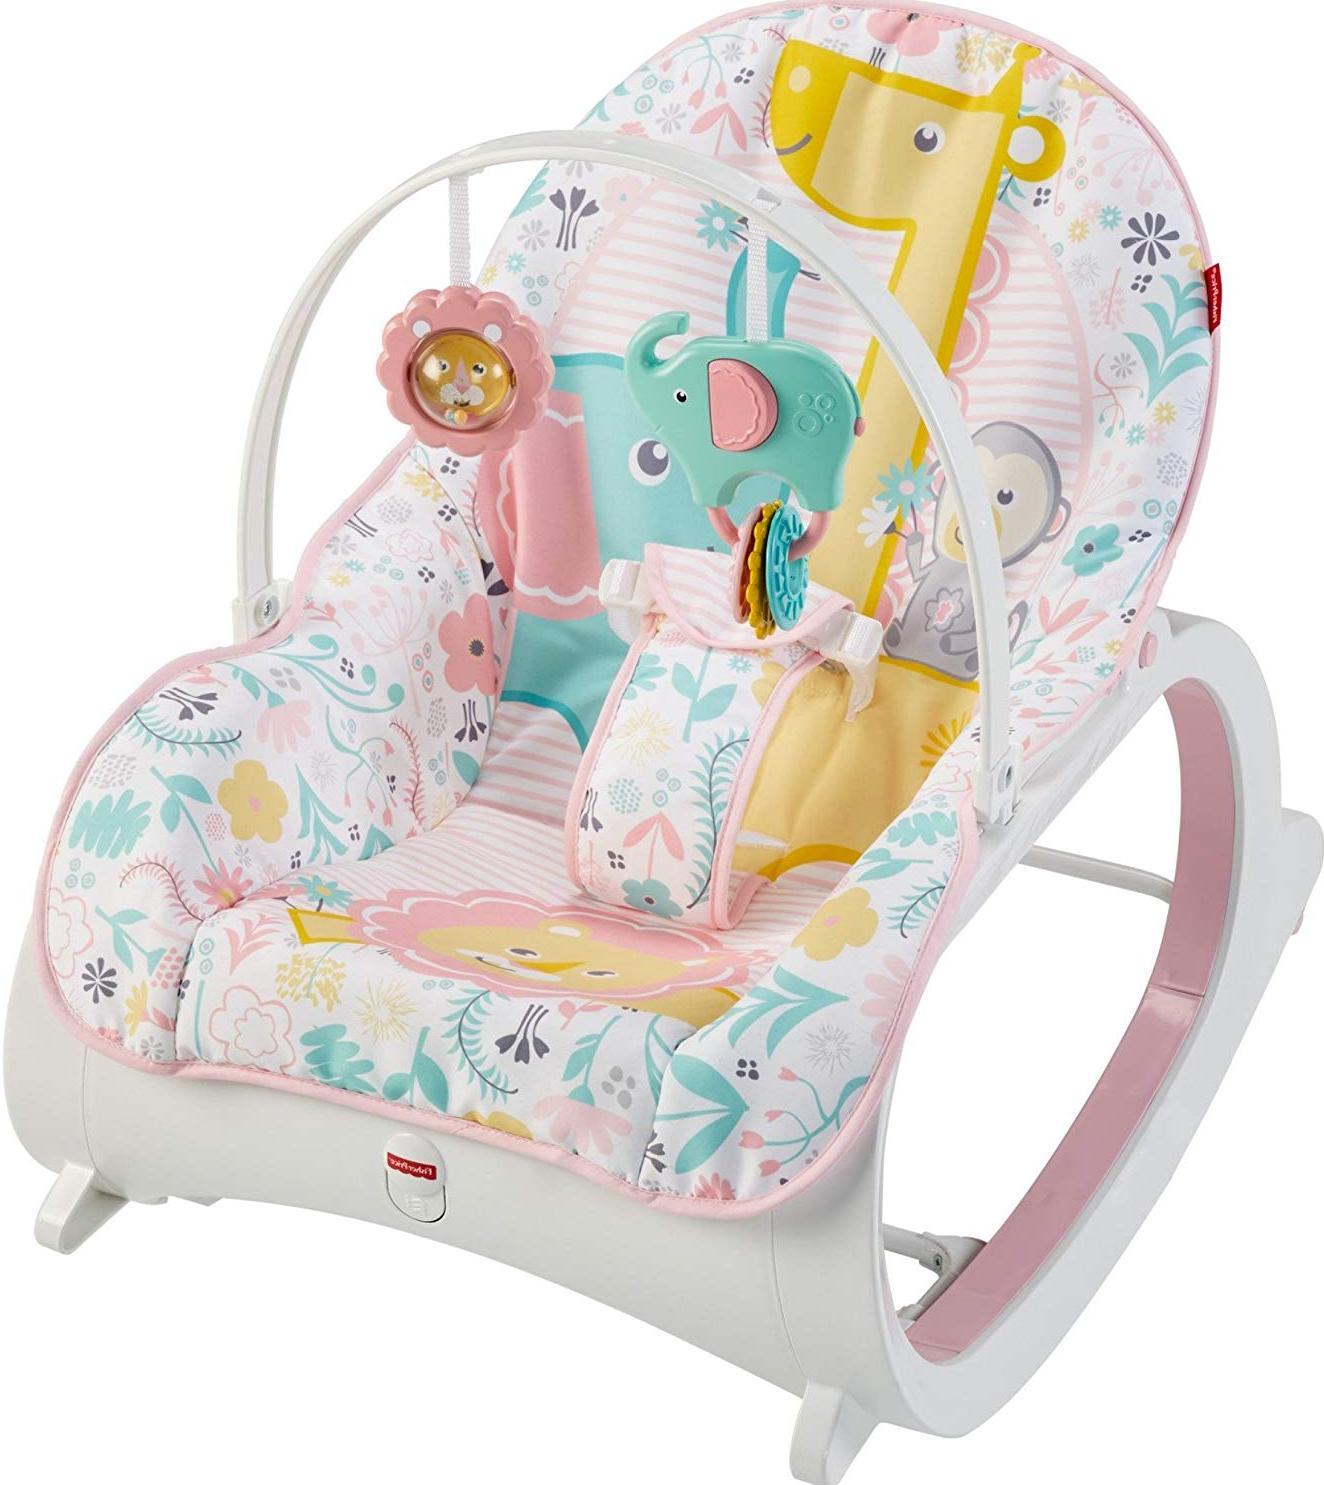 Toddler Swing PINK Nap